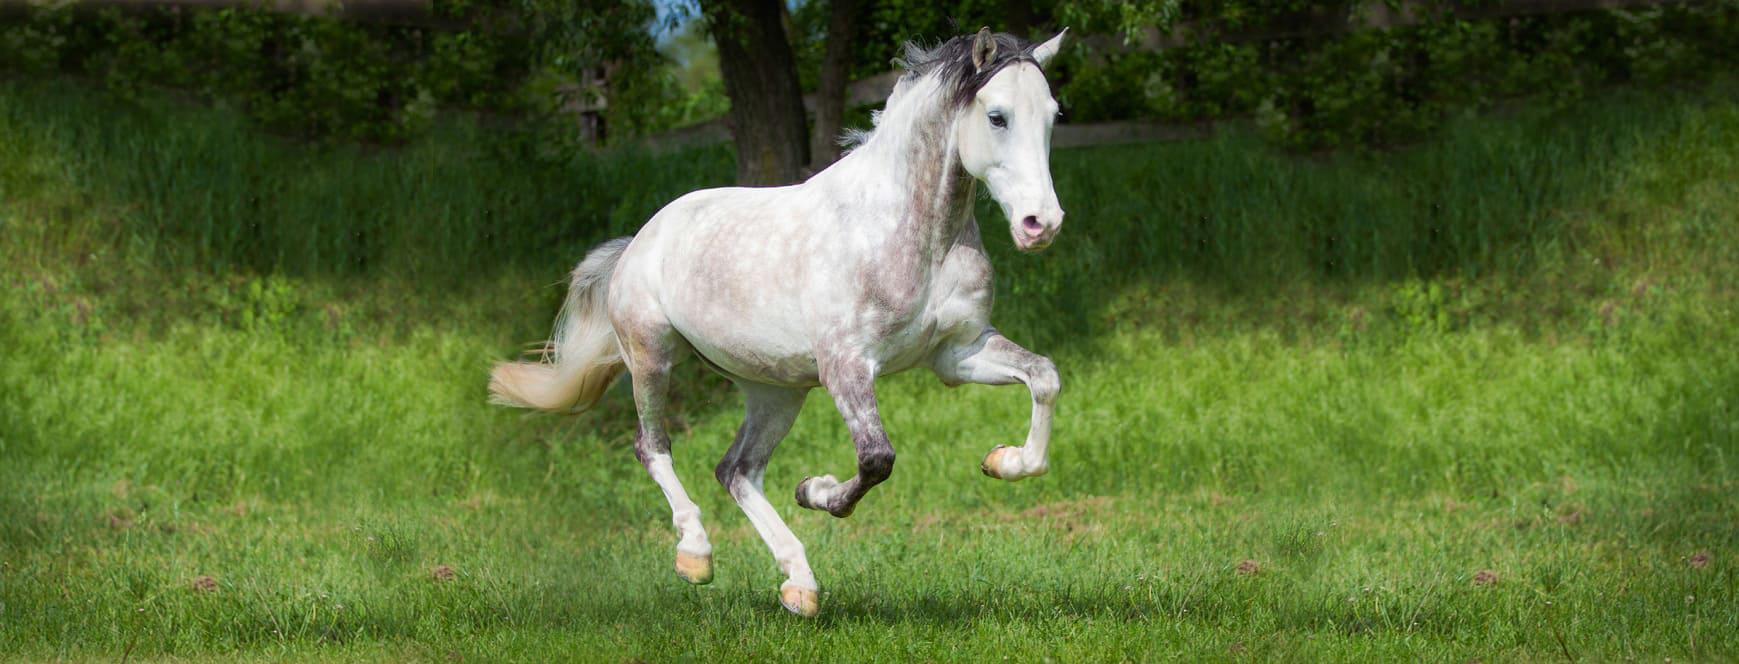 banner-pferd-galoppierend